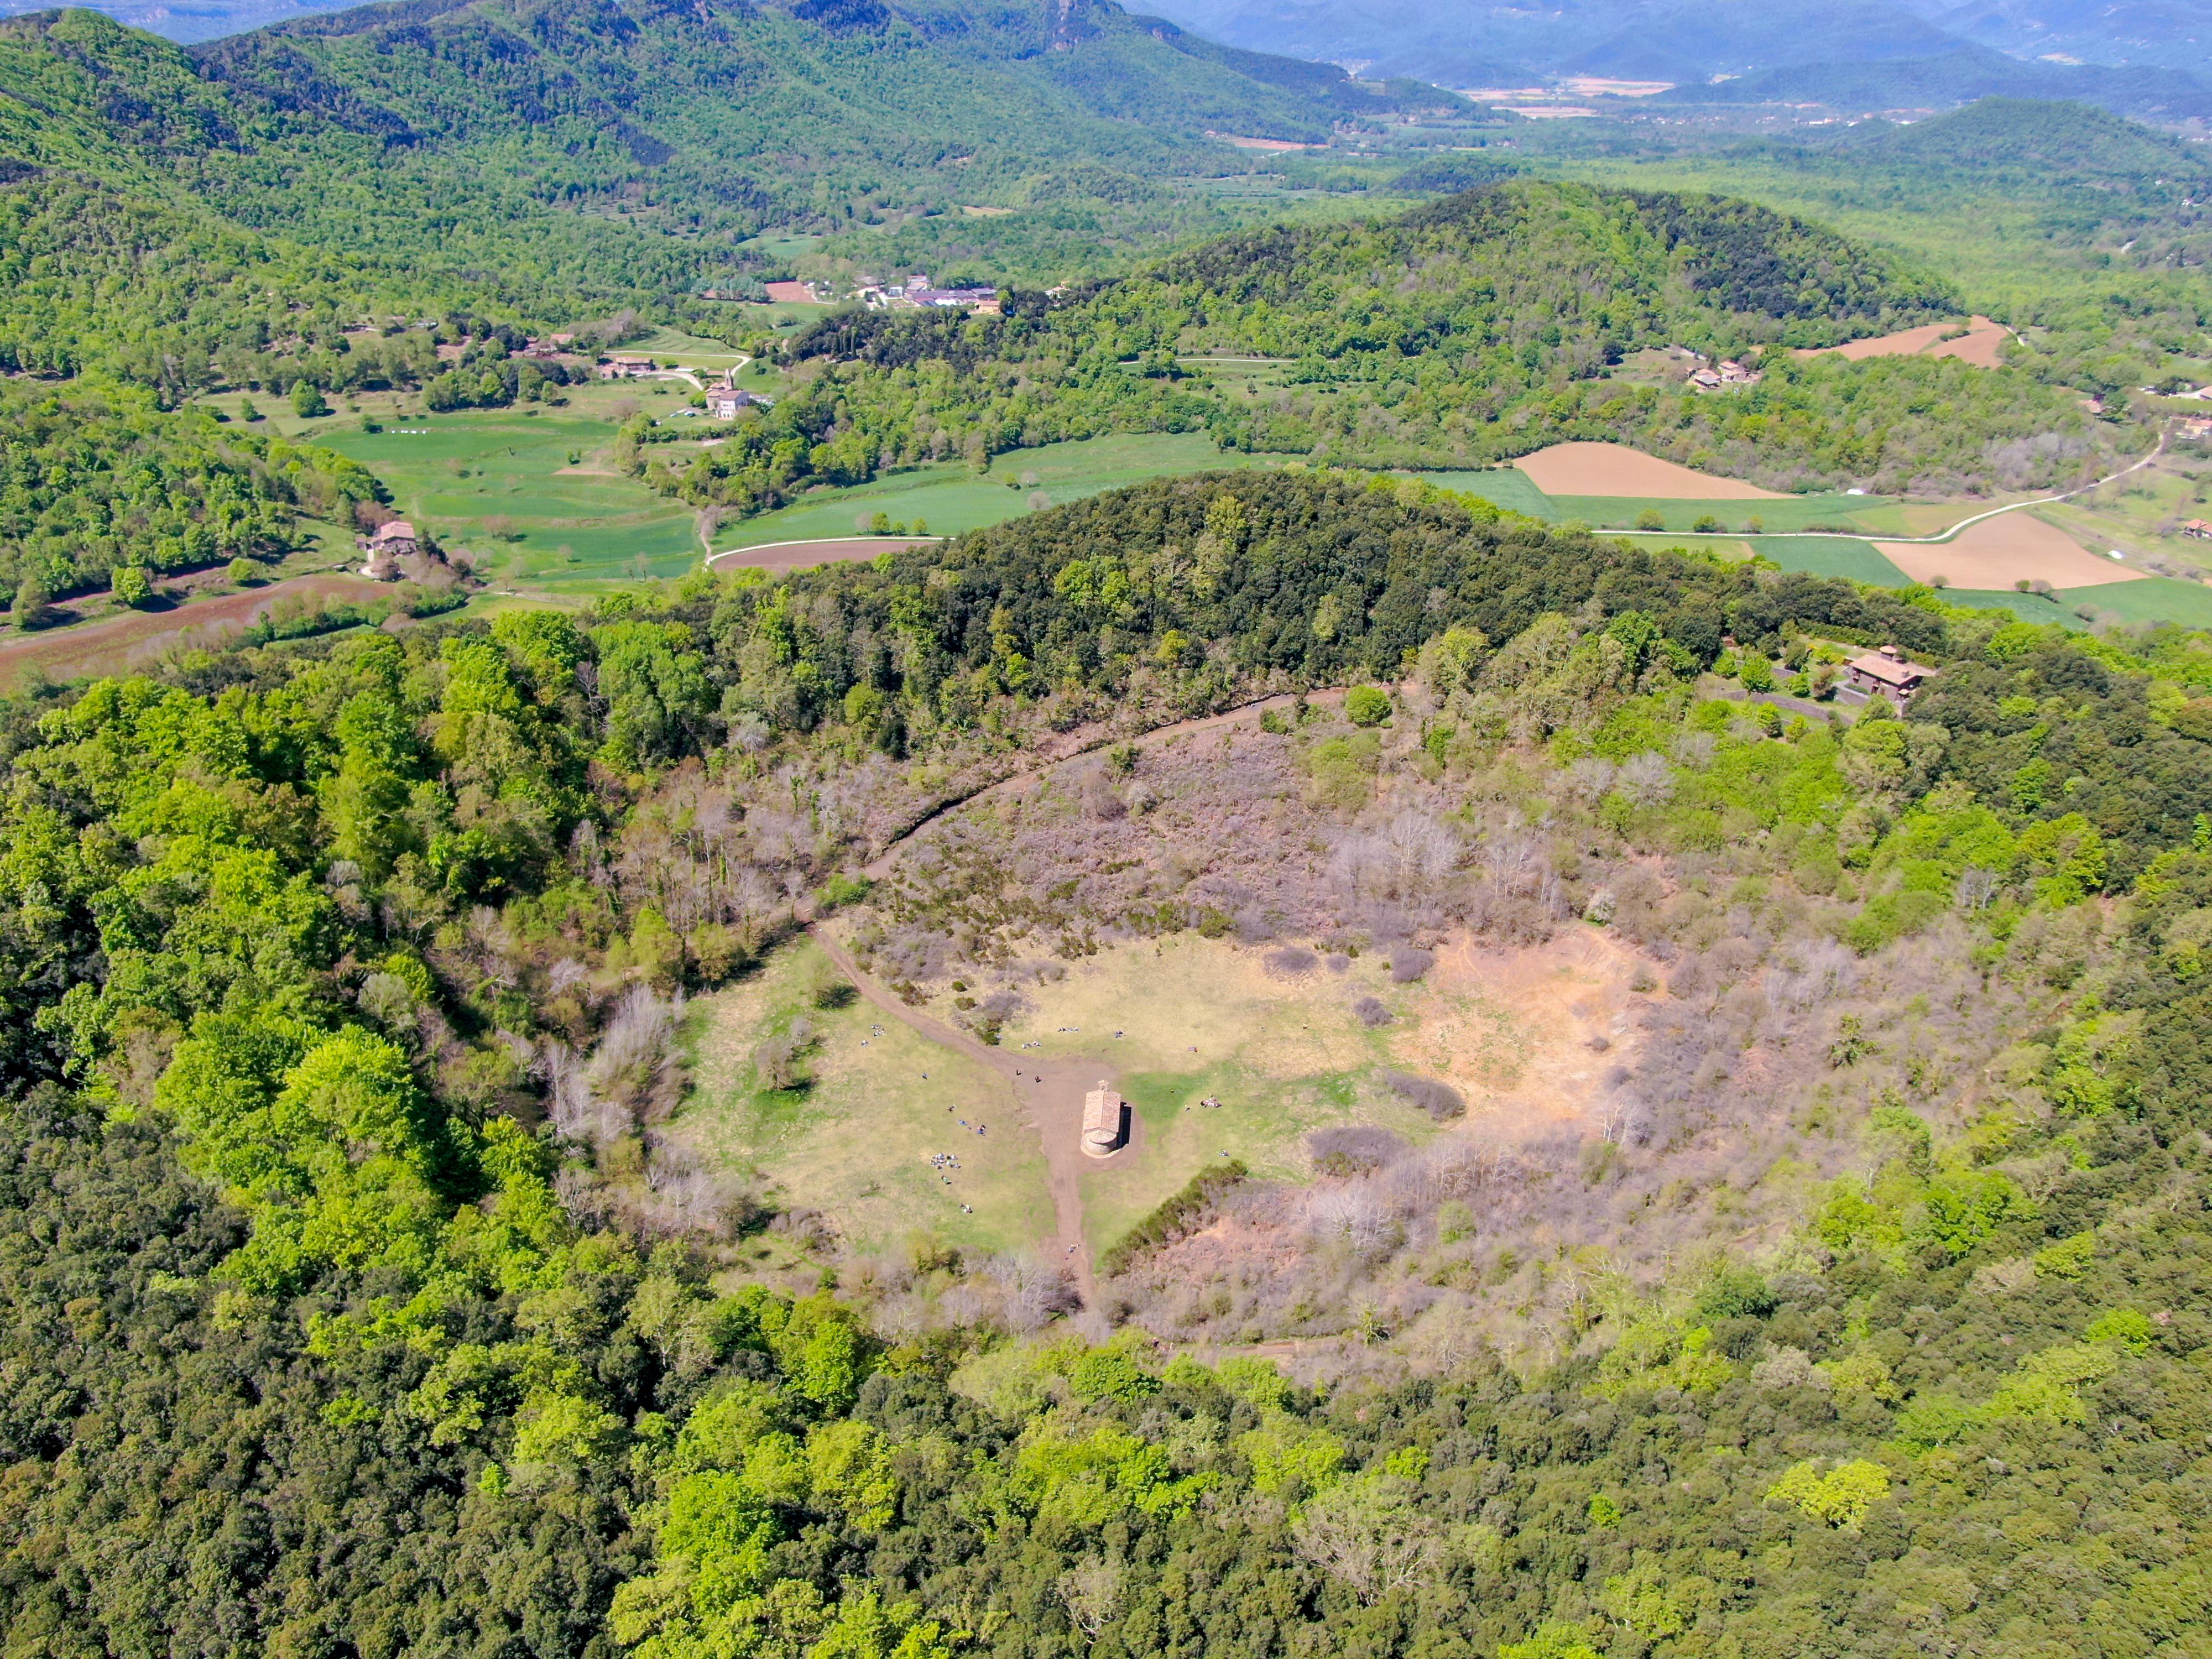 Magányos templom áll egy alvó vulkán kráterében - képek